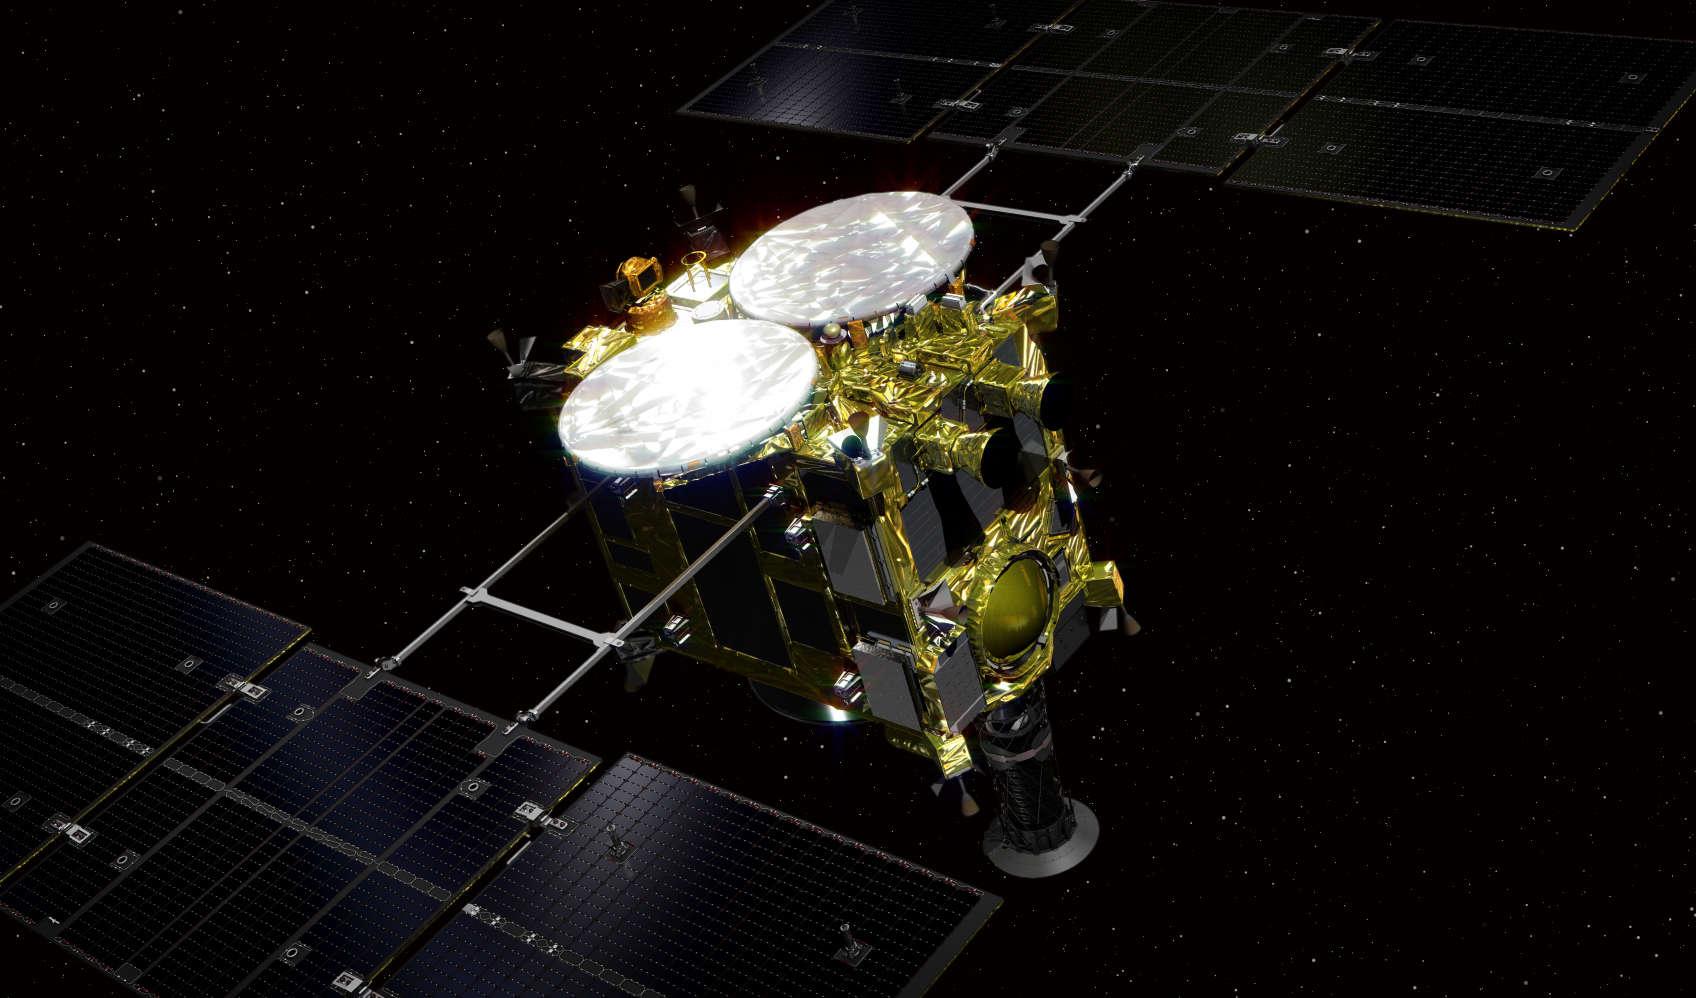 Hayabusa-2 Sample Returns to Earth